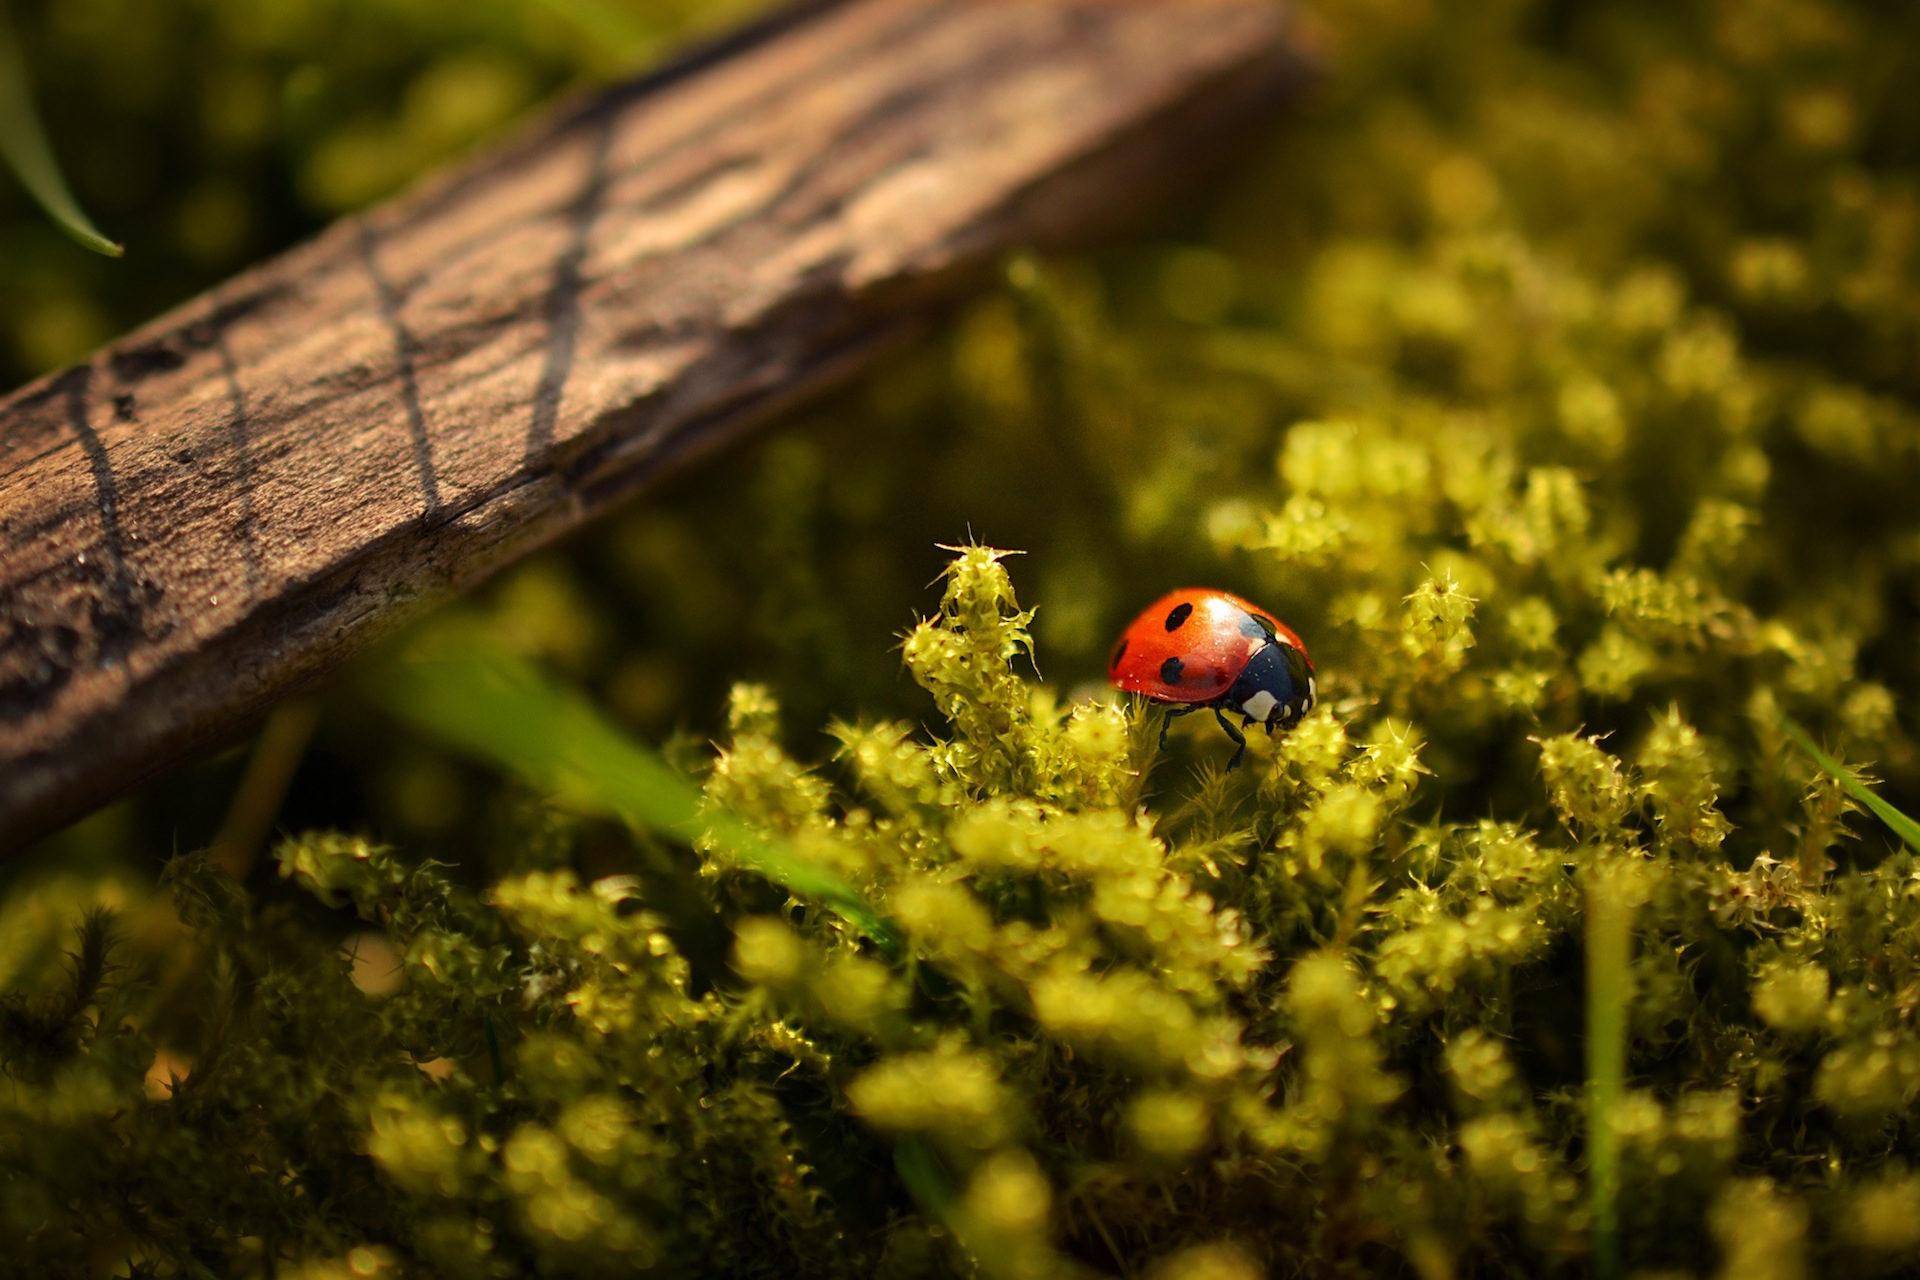 昆虫, mariquita, フィールド, 植物, 生存 - HD の壁紙 - 教授-falken.com